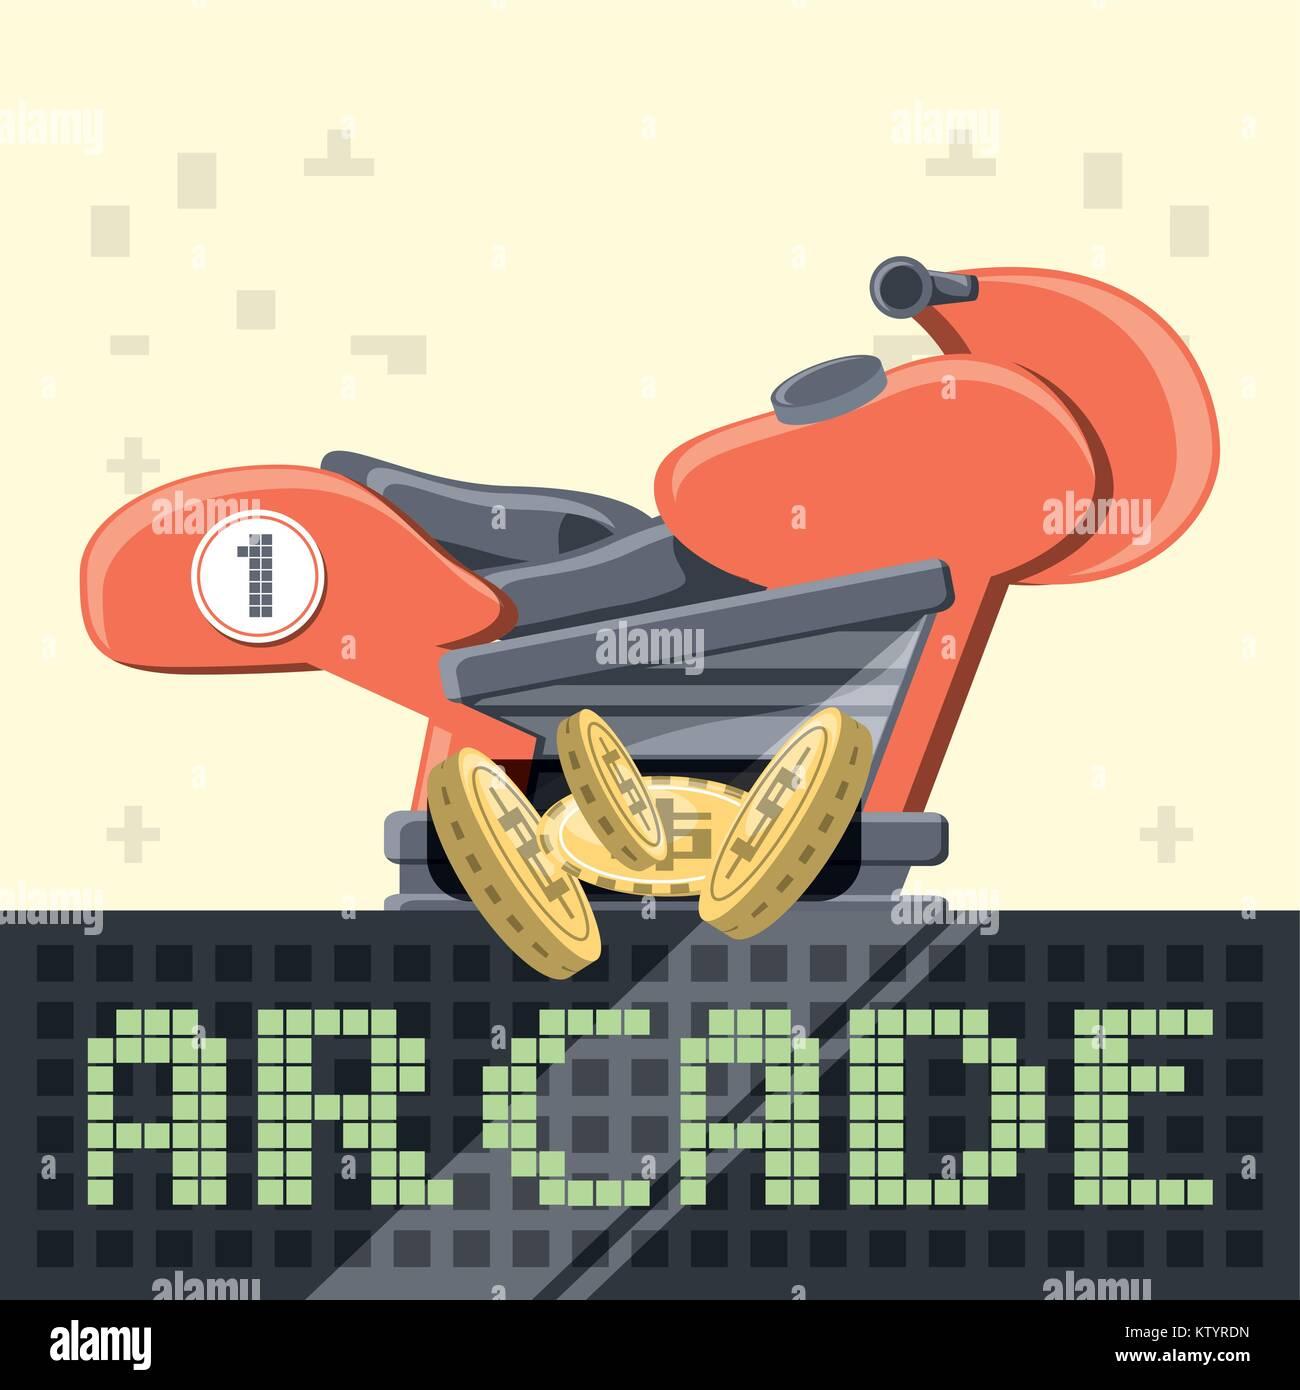 arcade video game design - Stock Vector